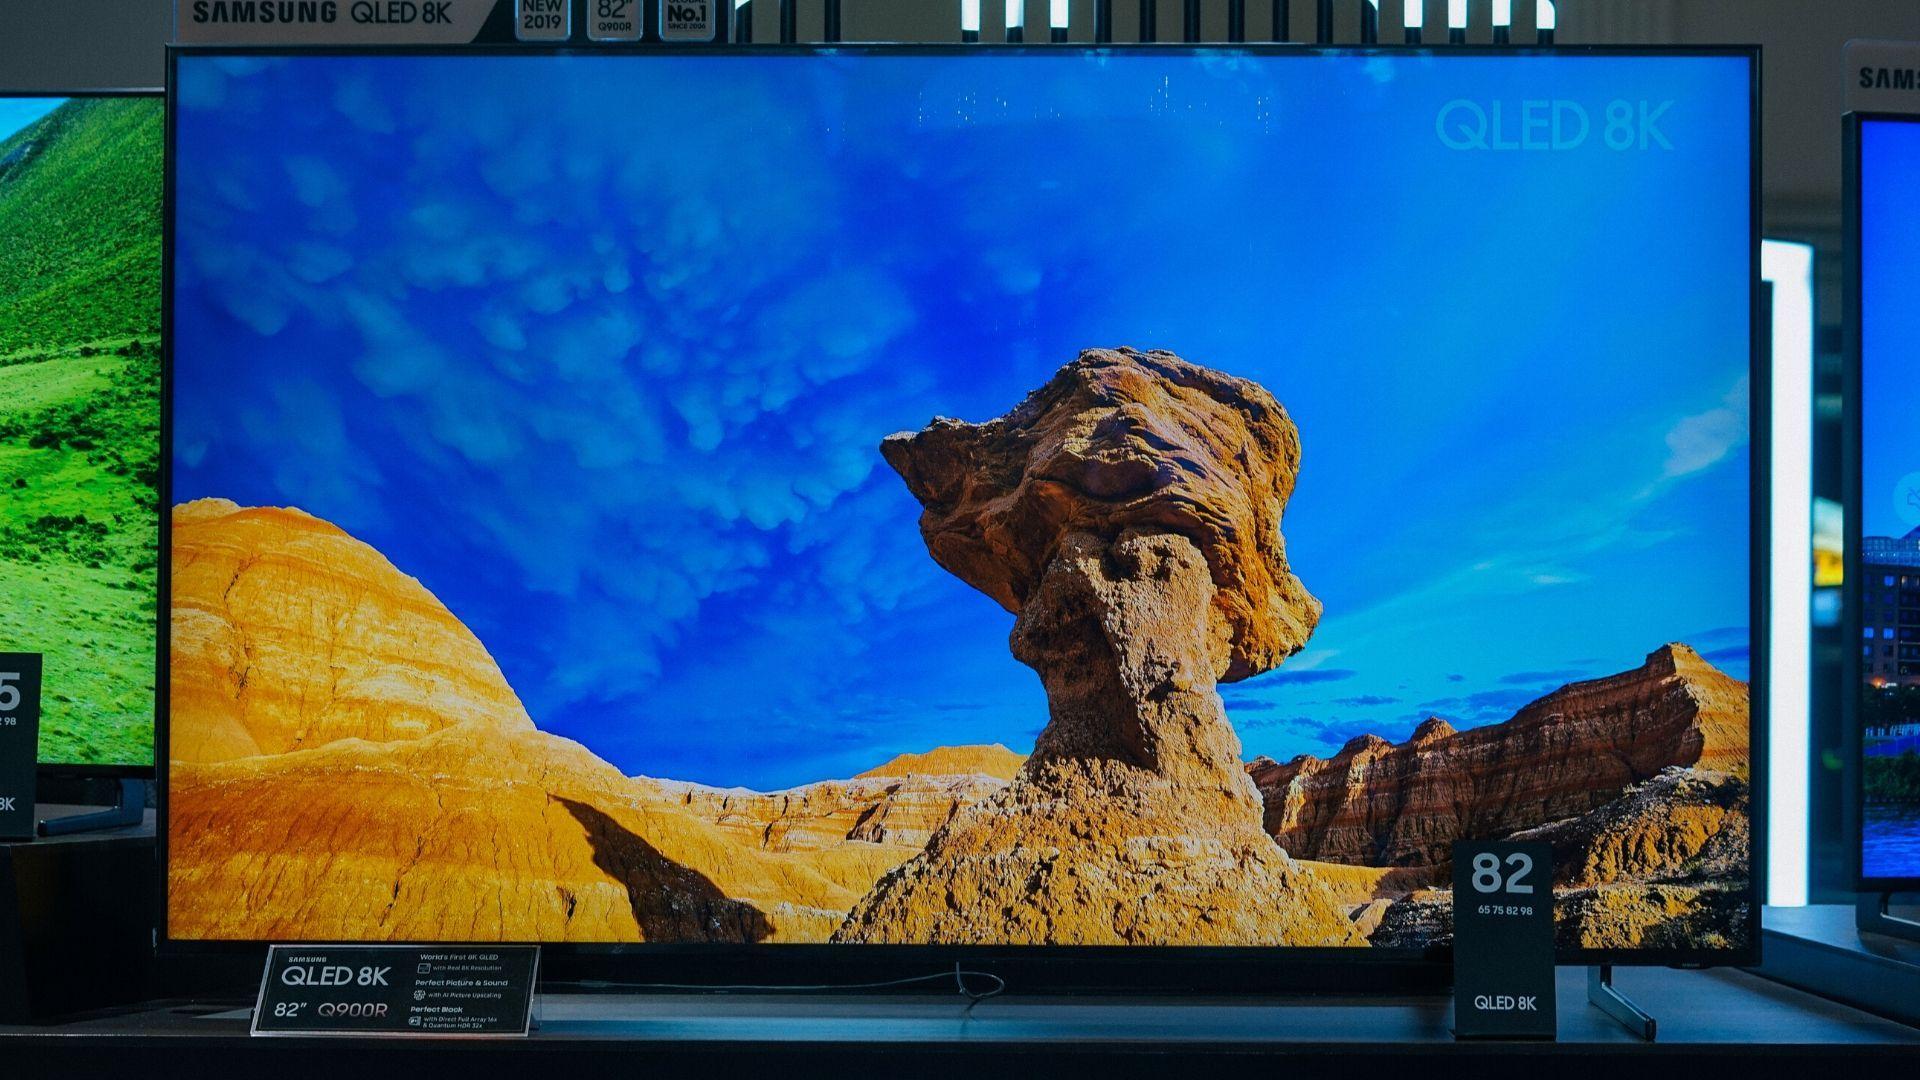 Melhores Smart TVs QLED 2020: Samsung Q80T fica na primeira posição!